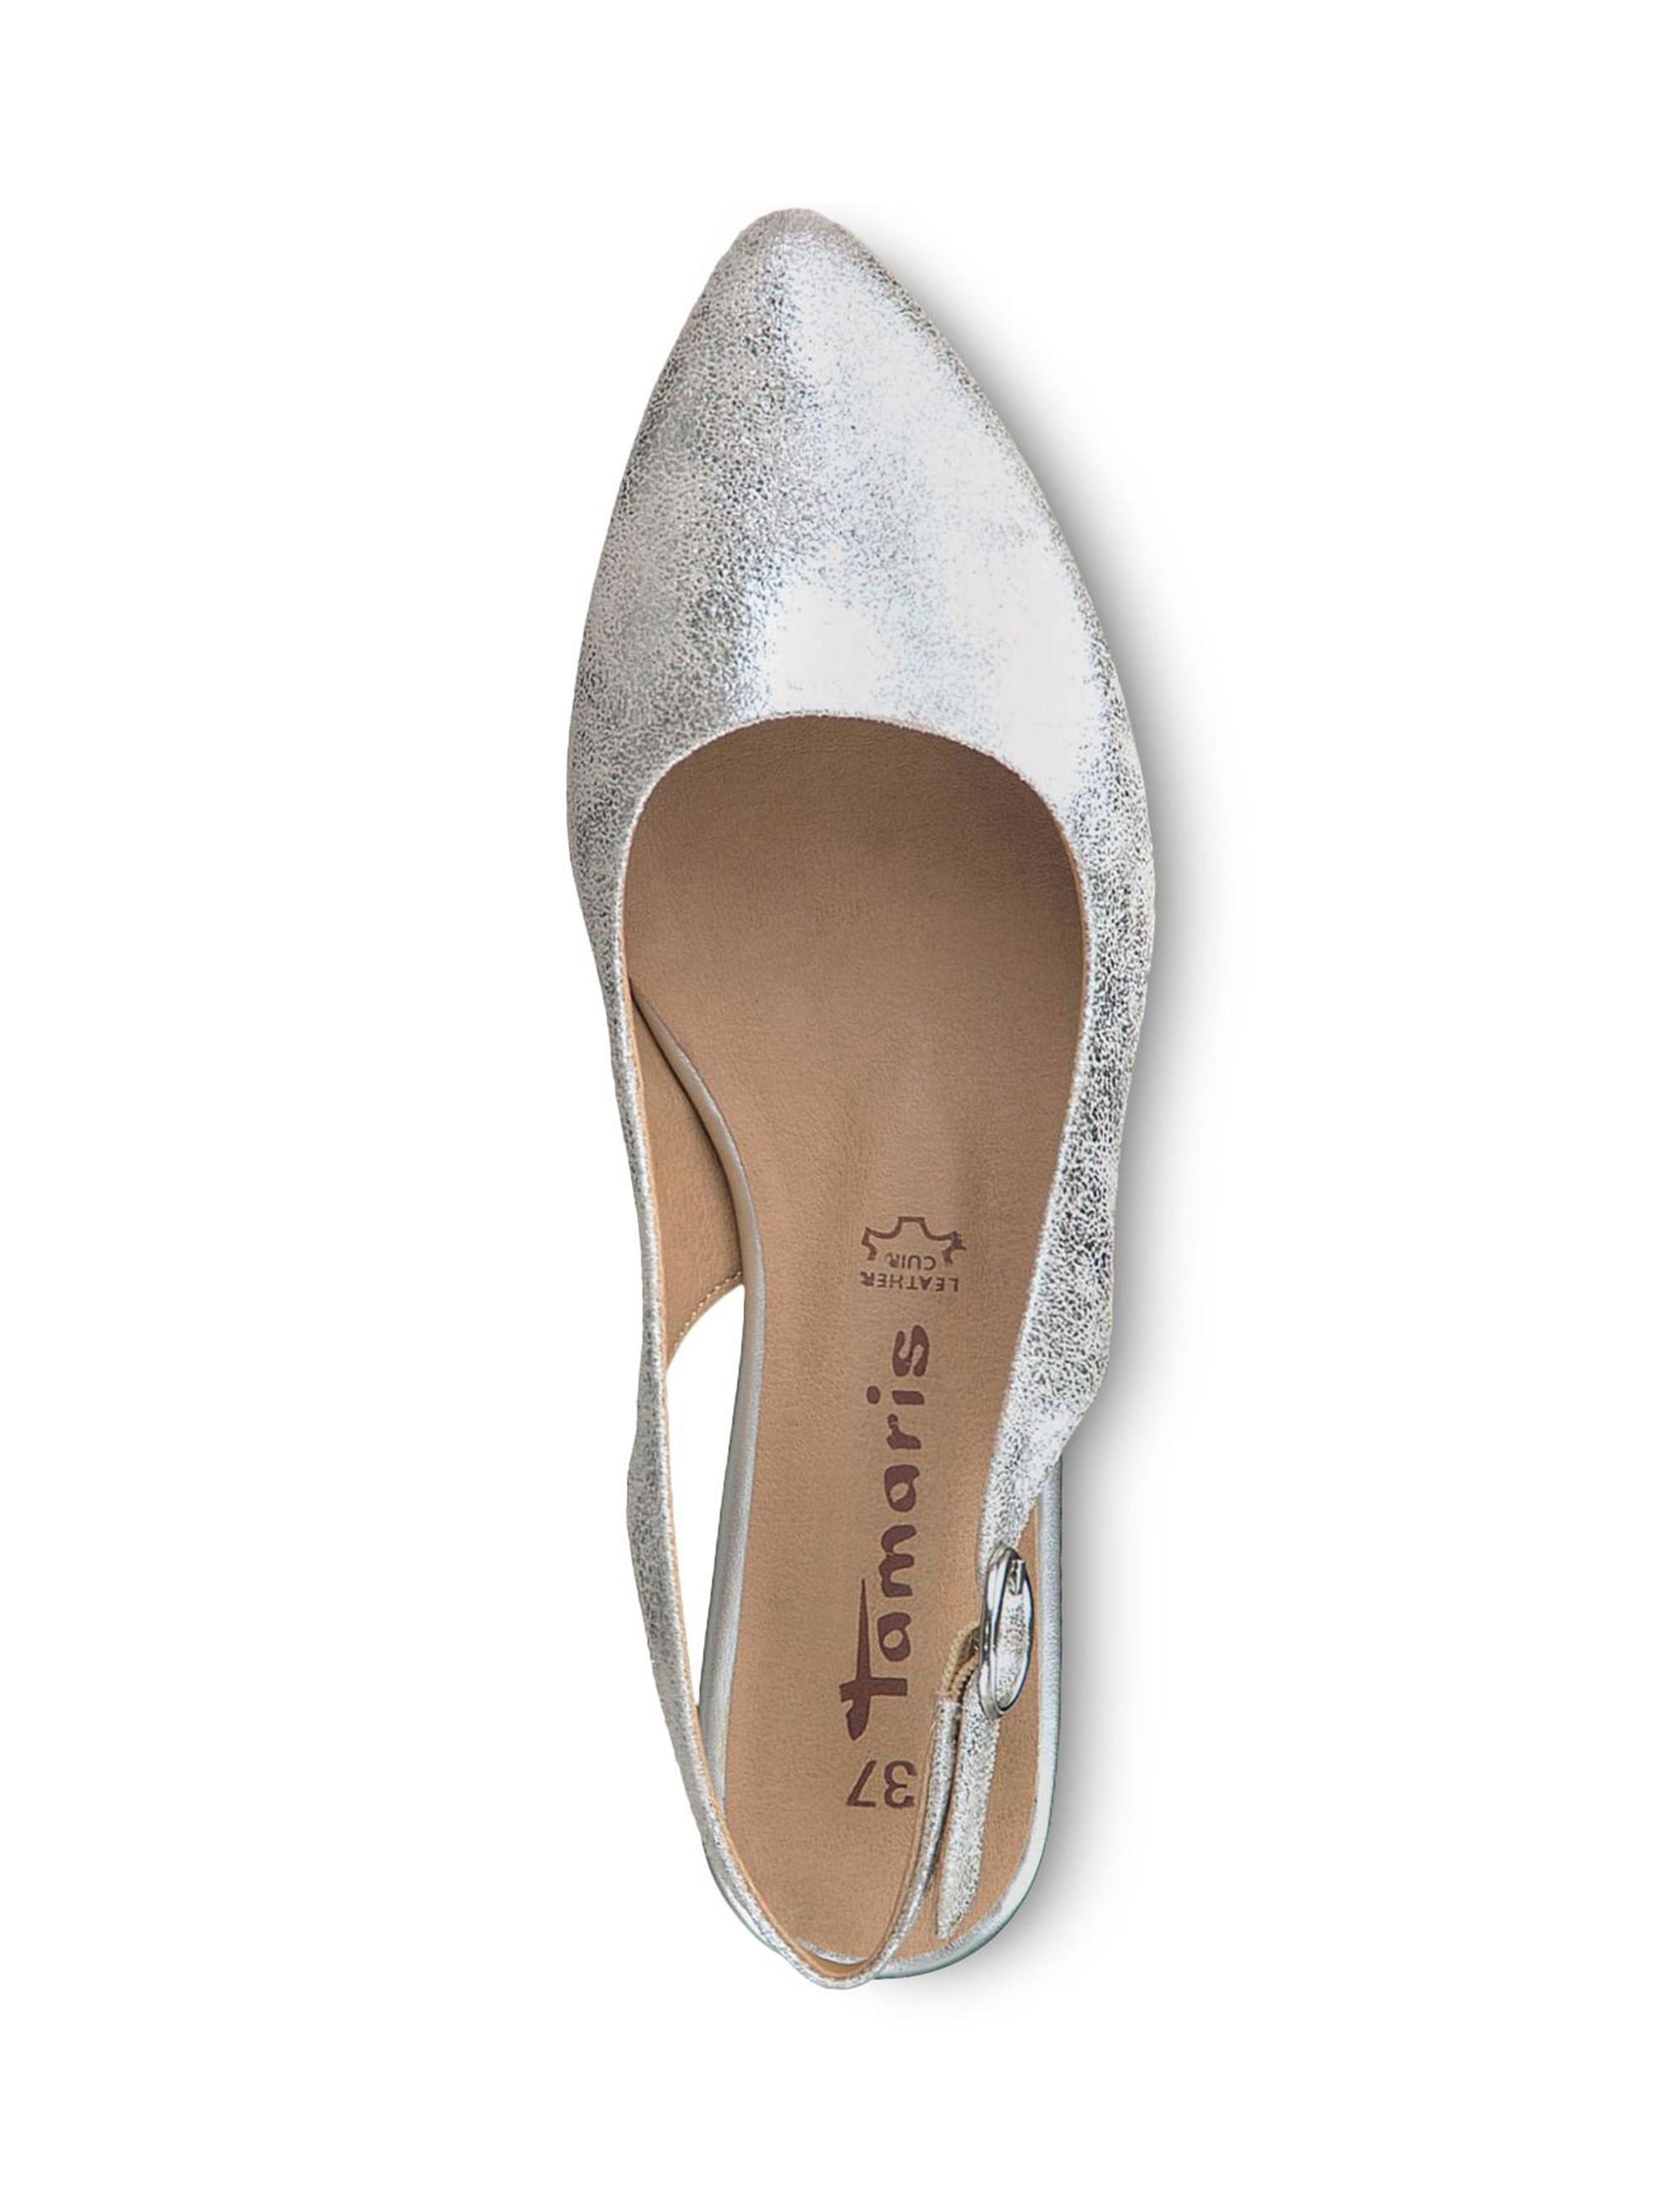 کفش پاشنه دار زنانه Trina - نقره اي - 2